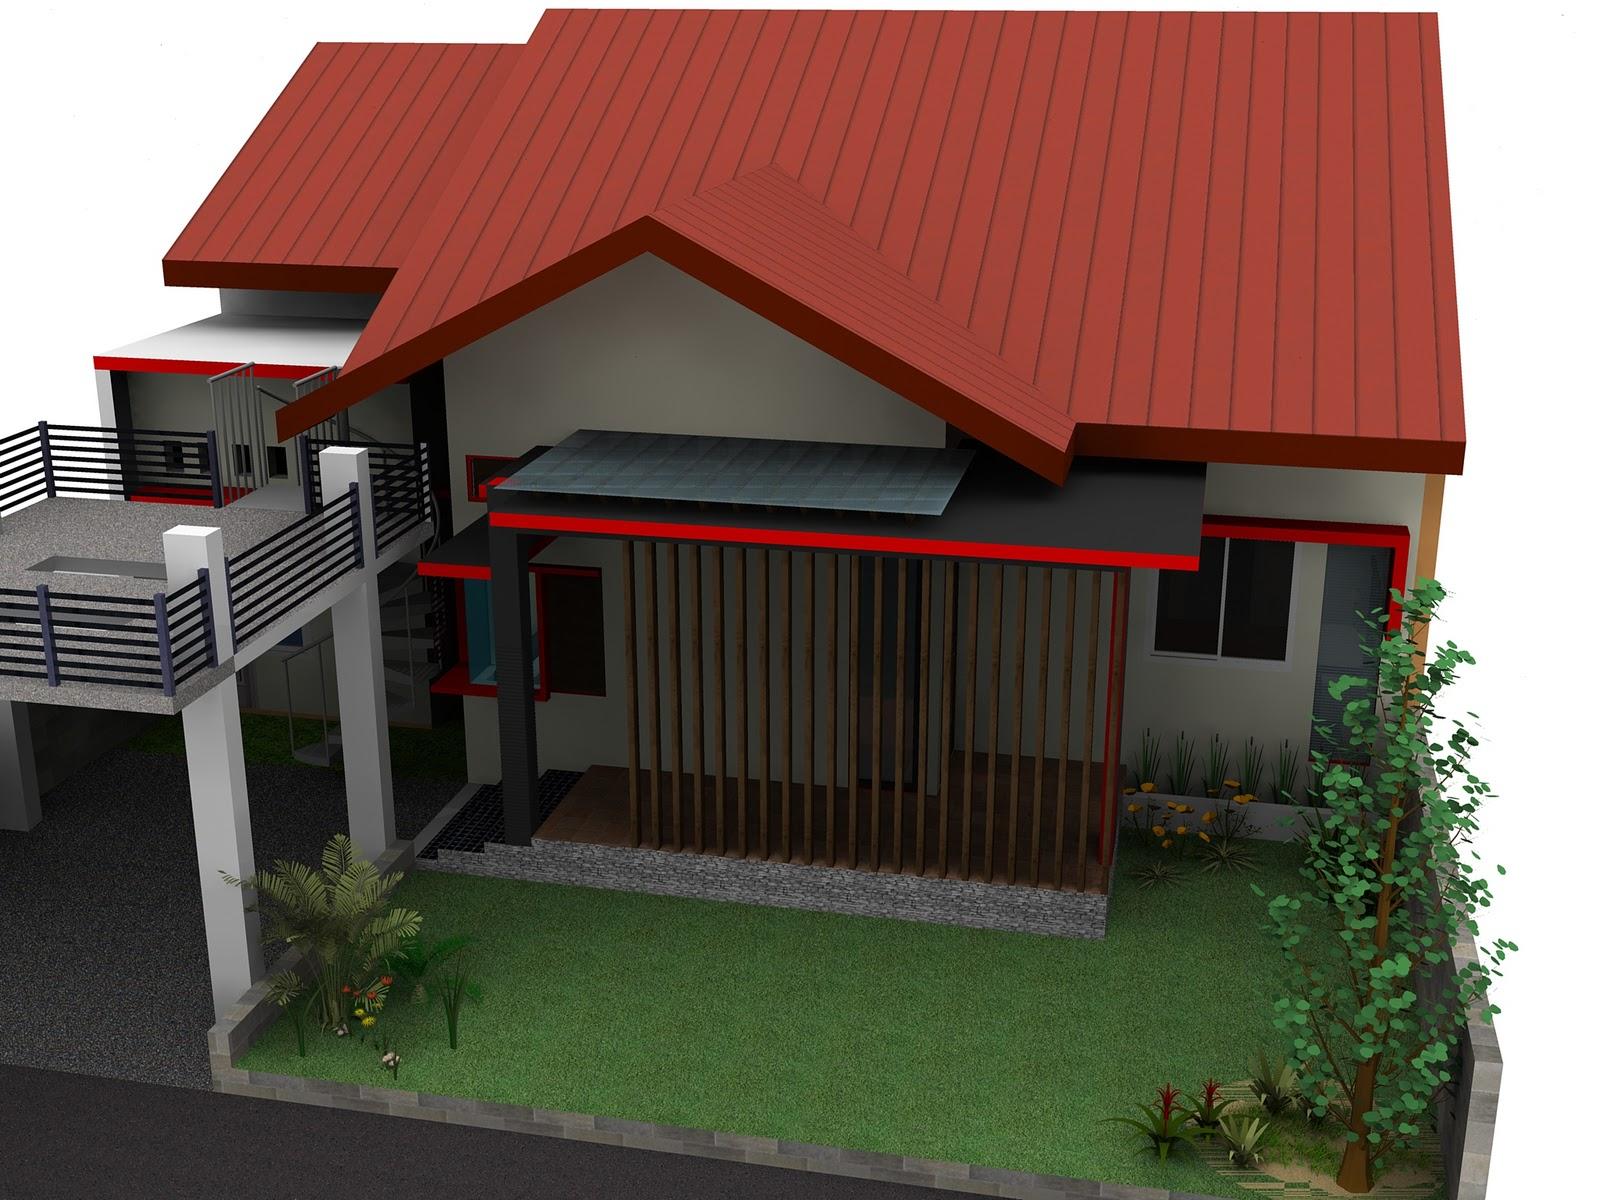 rumah bapak mahmud raft origin architecture consultant